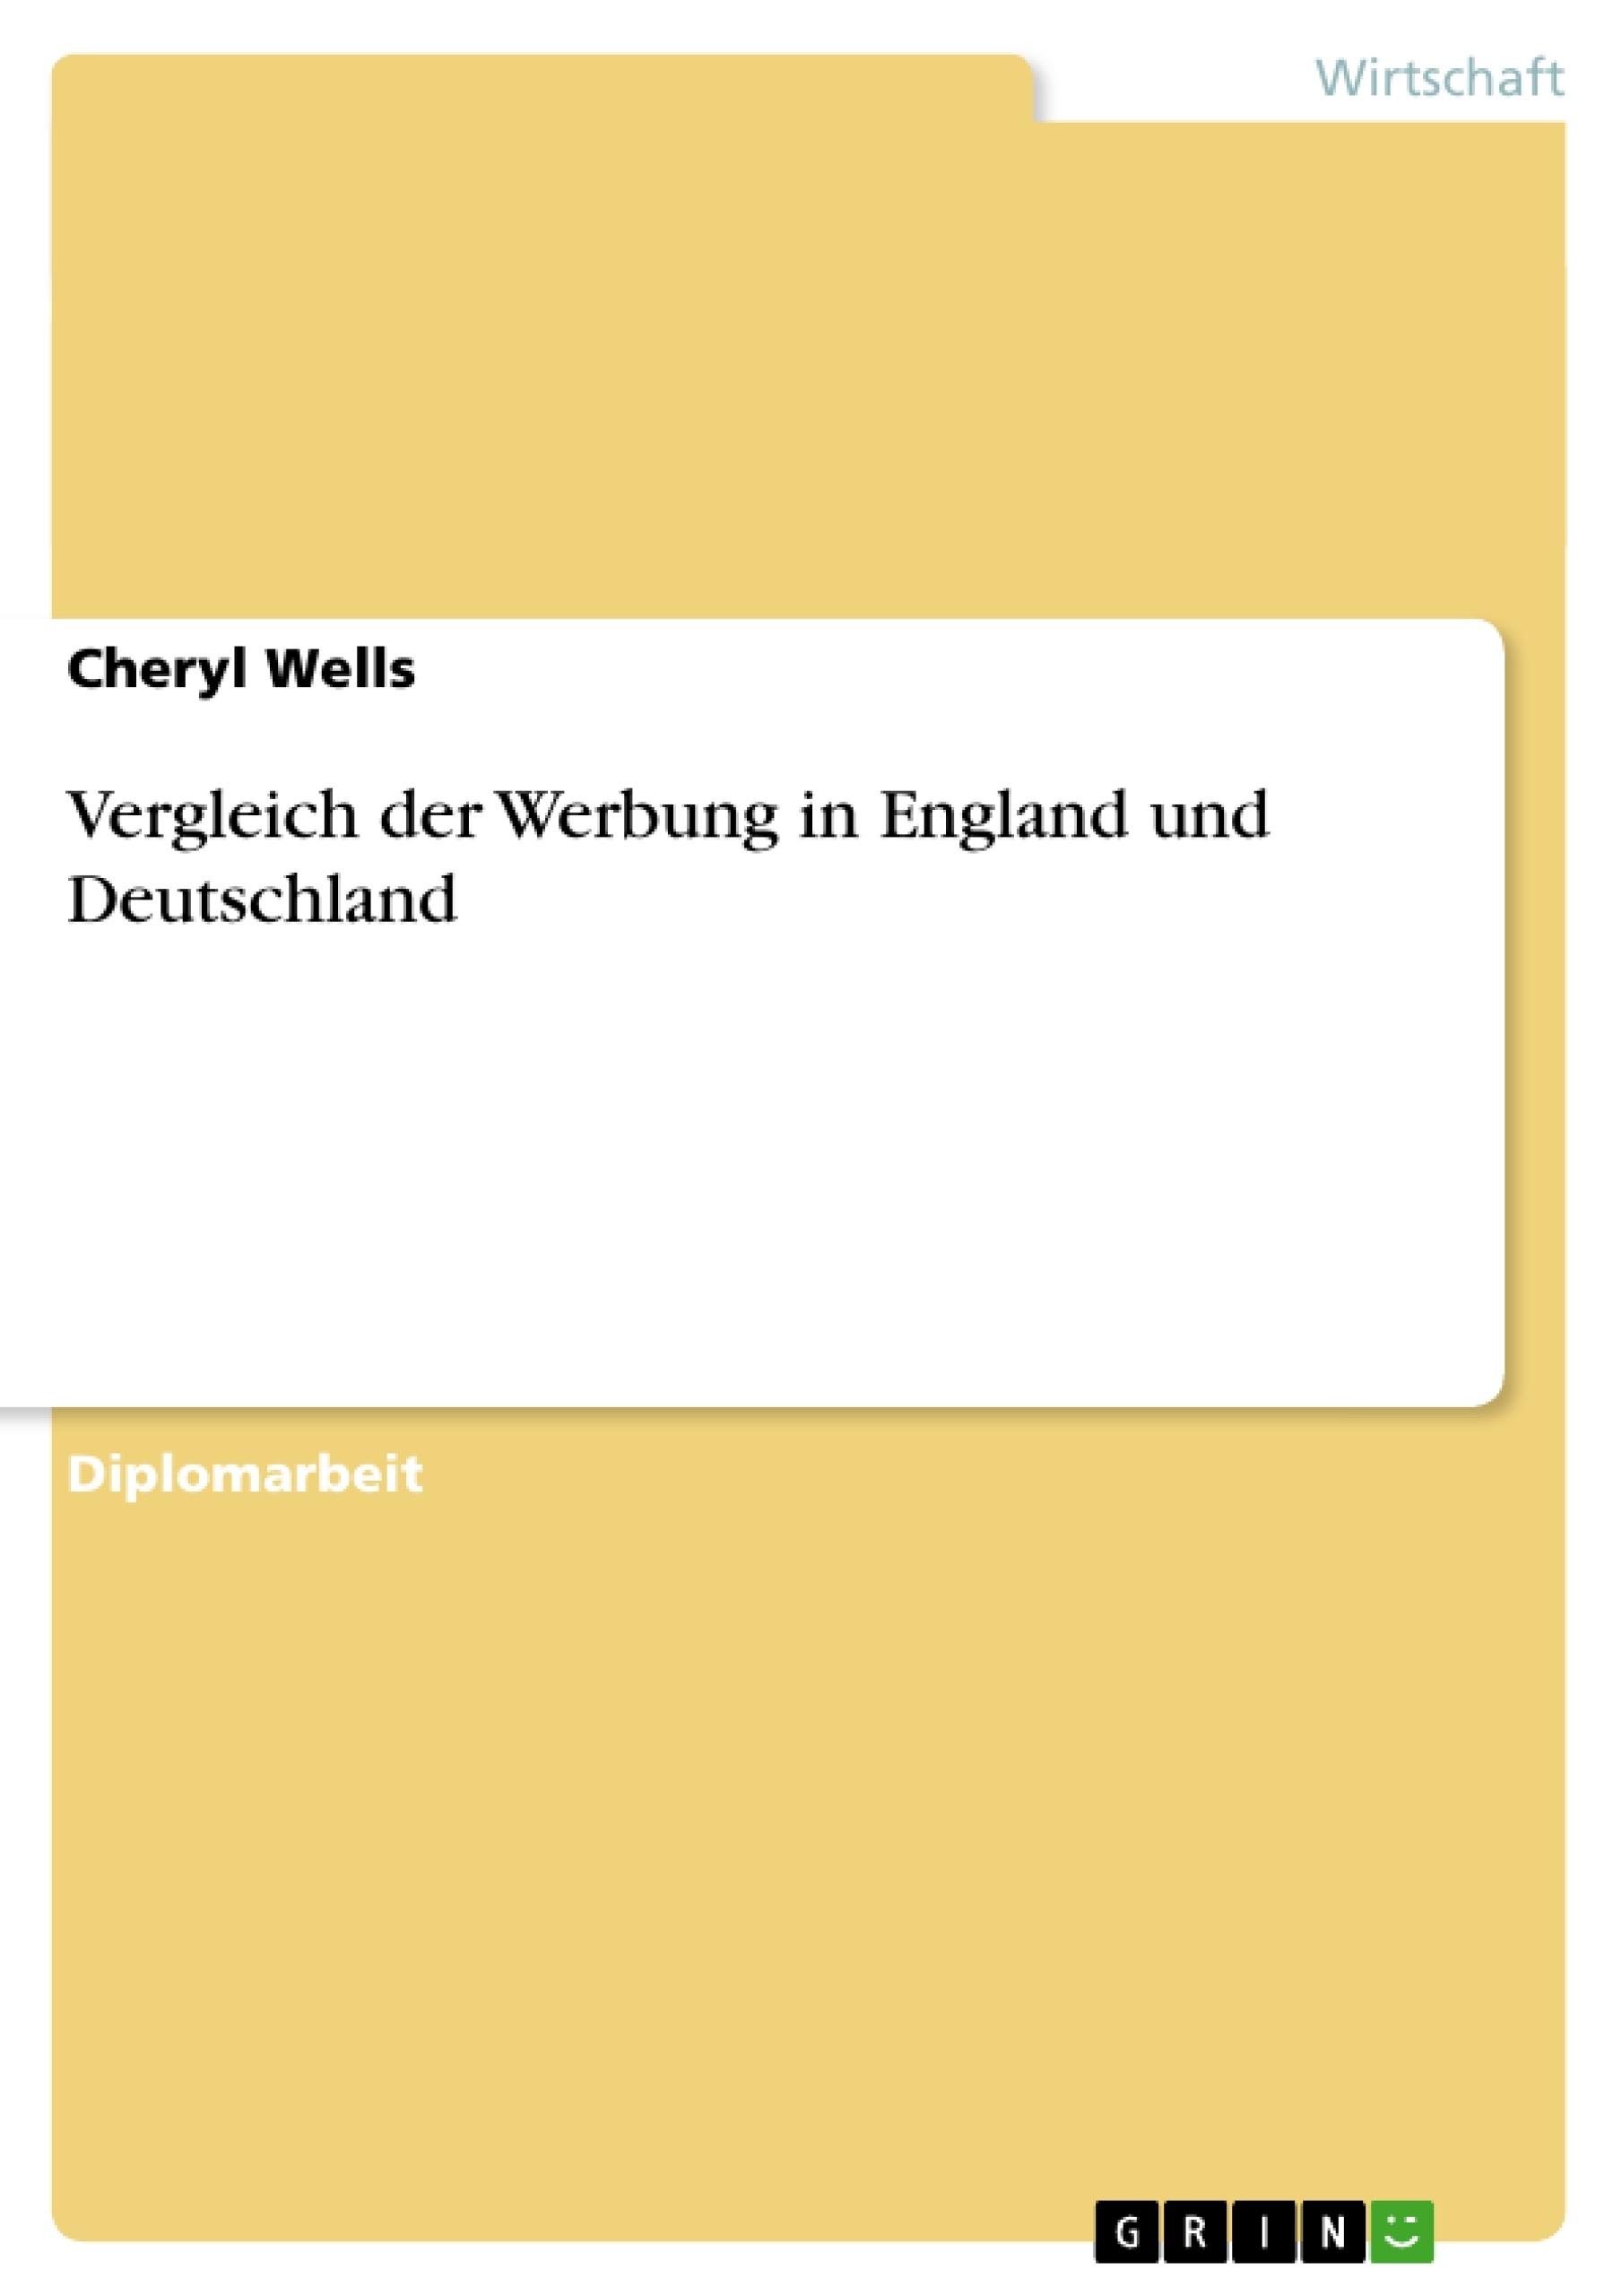 Titel: Vergleich der Werbung in England und Deutschland